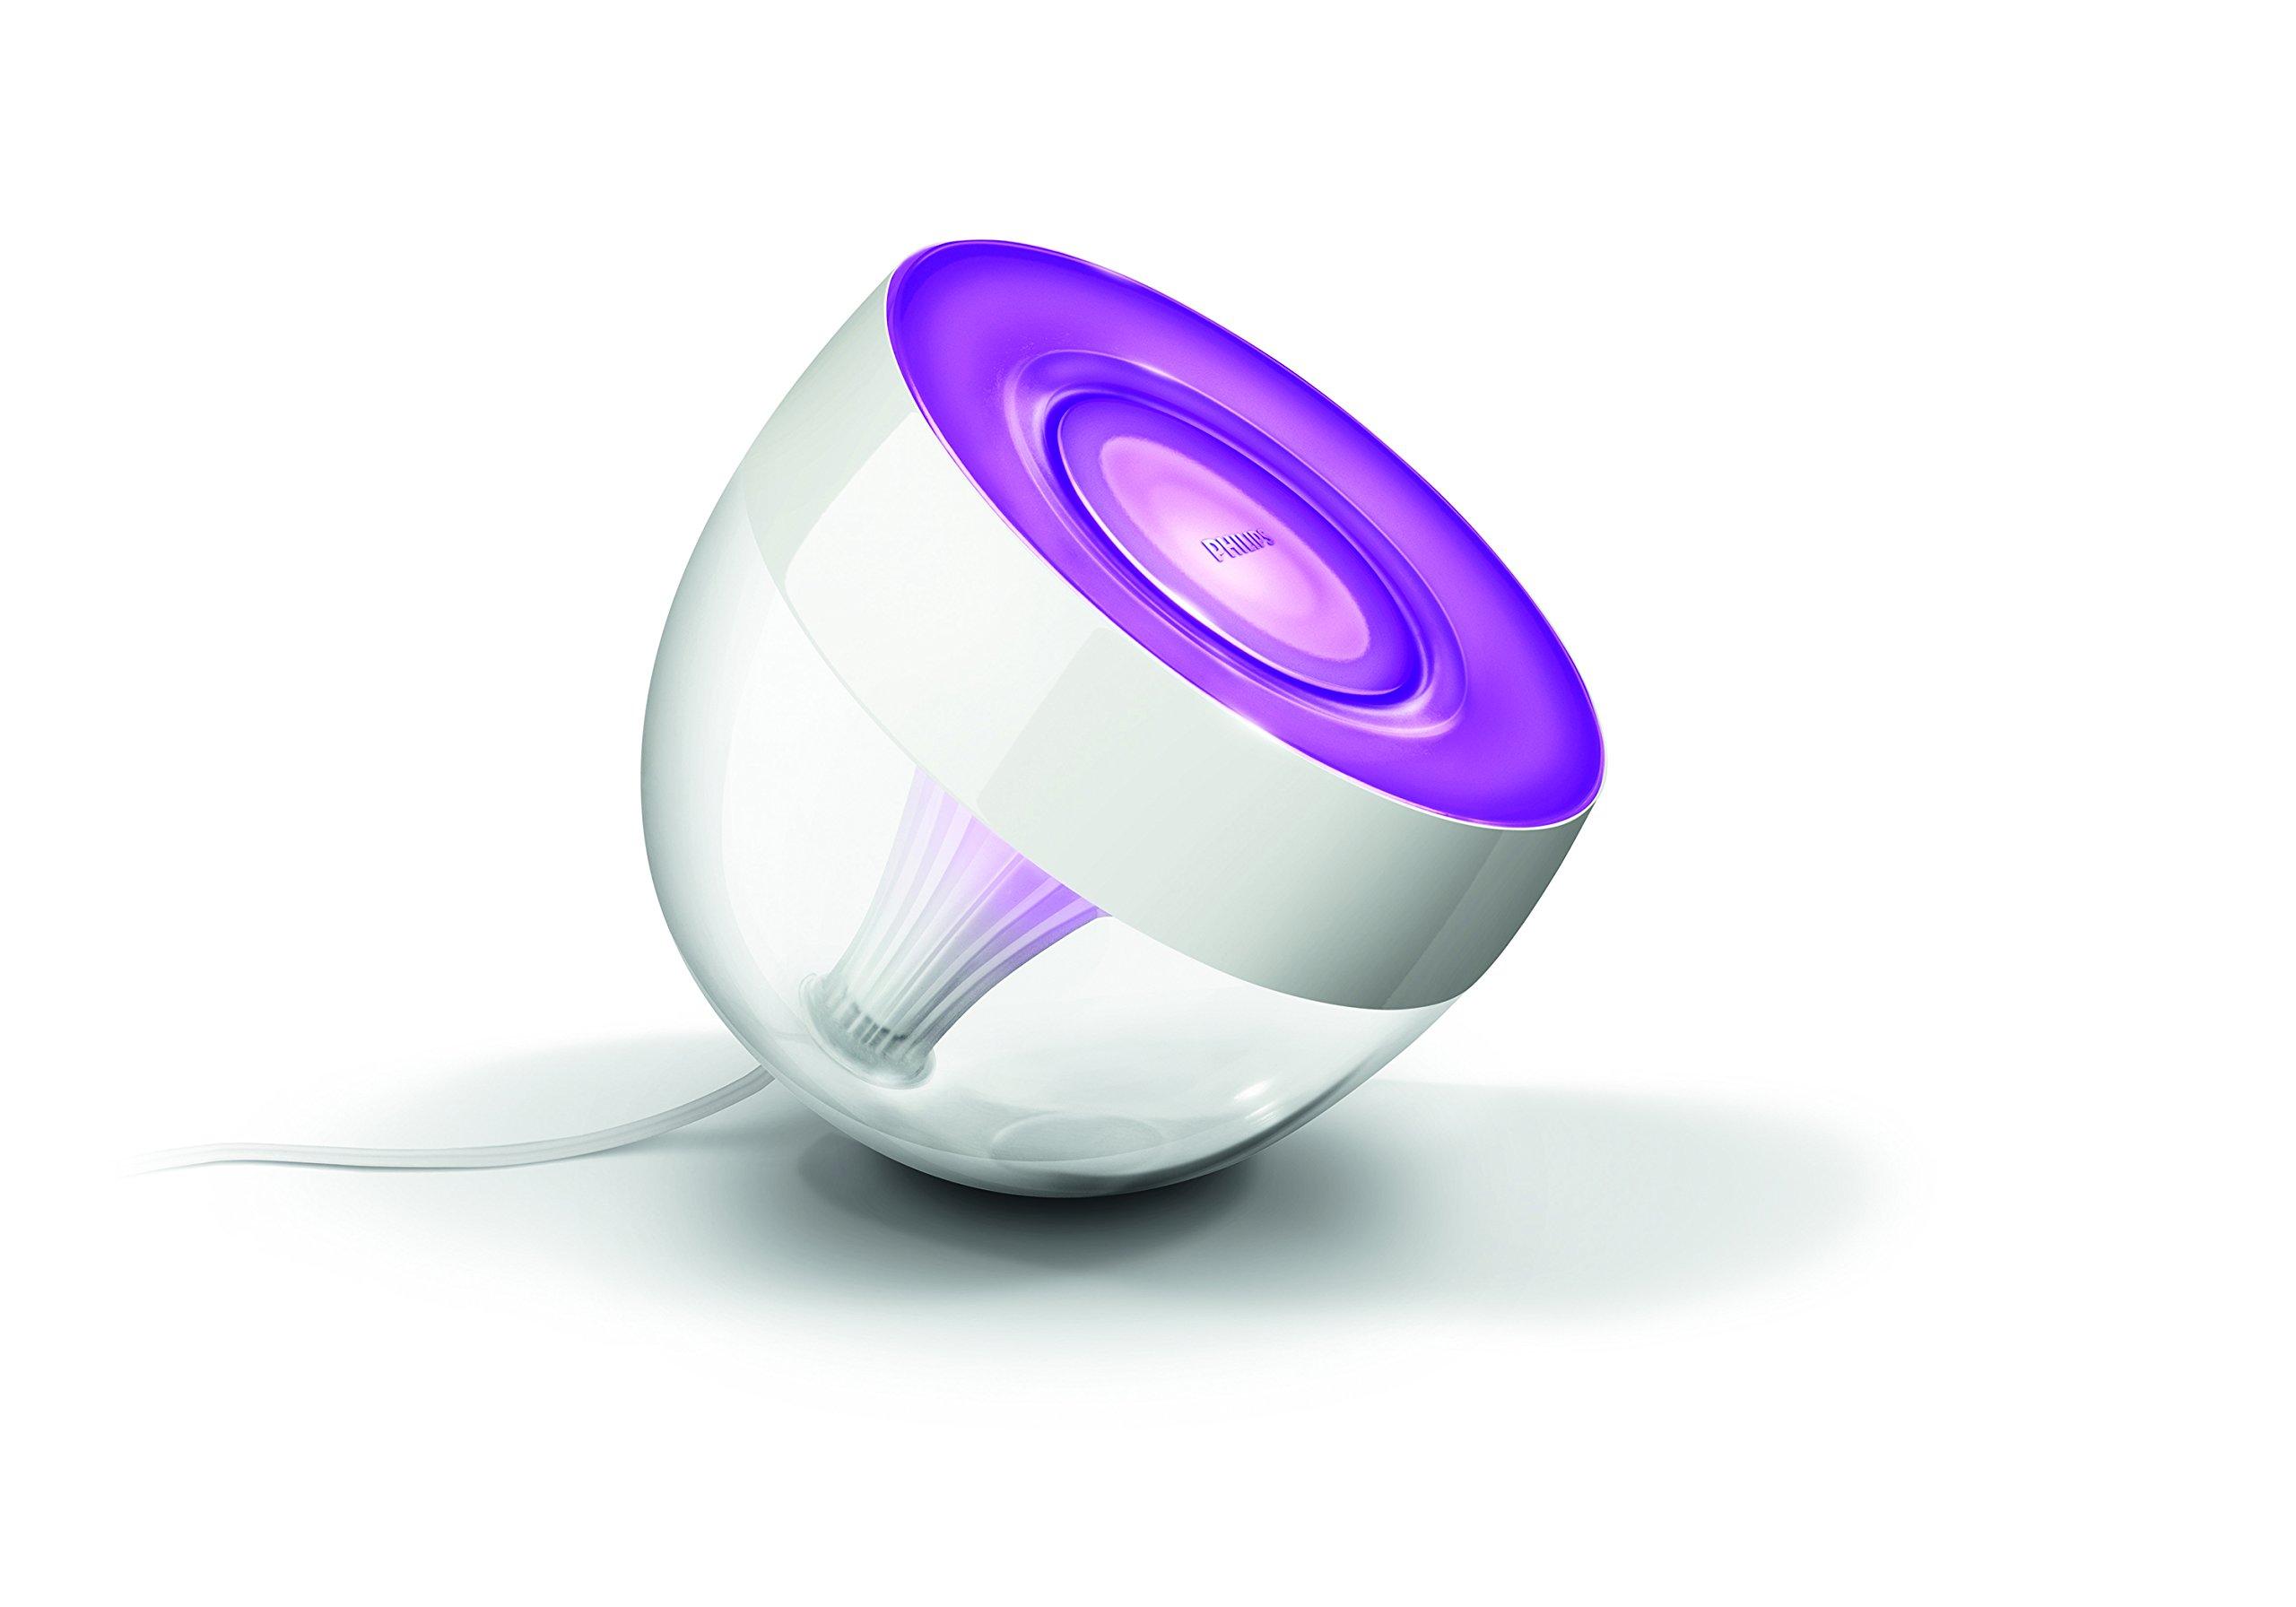 Philips Hue Lampe Connectée Living Colors Iris